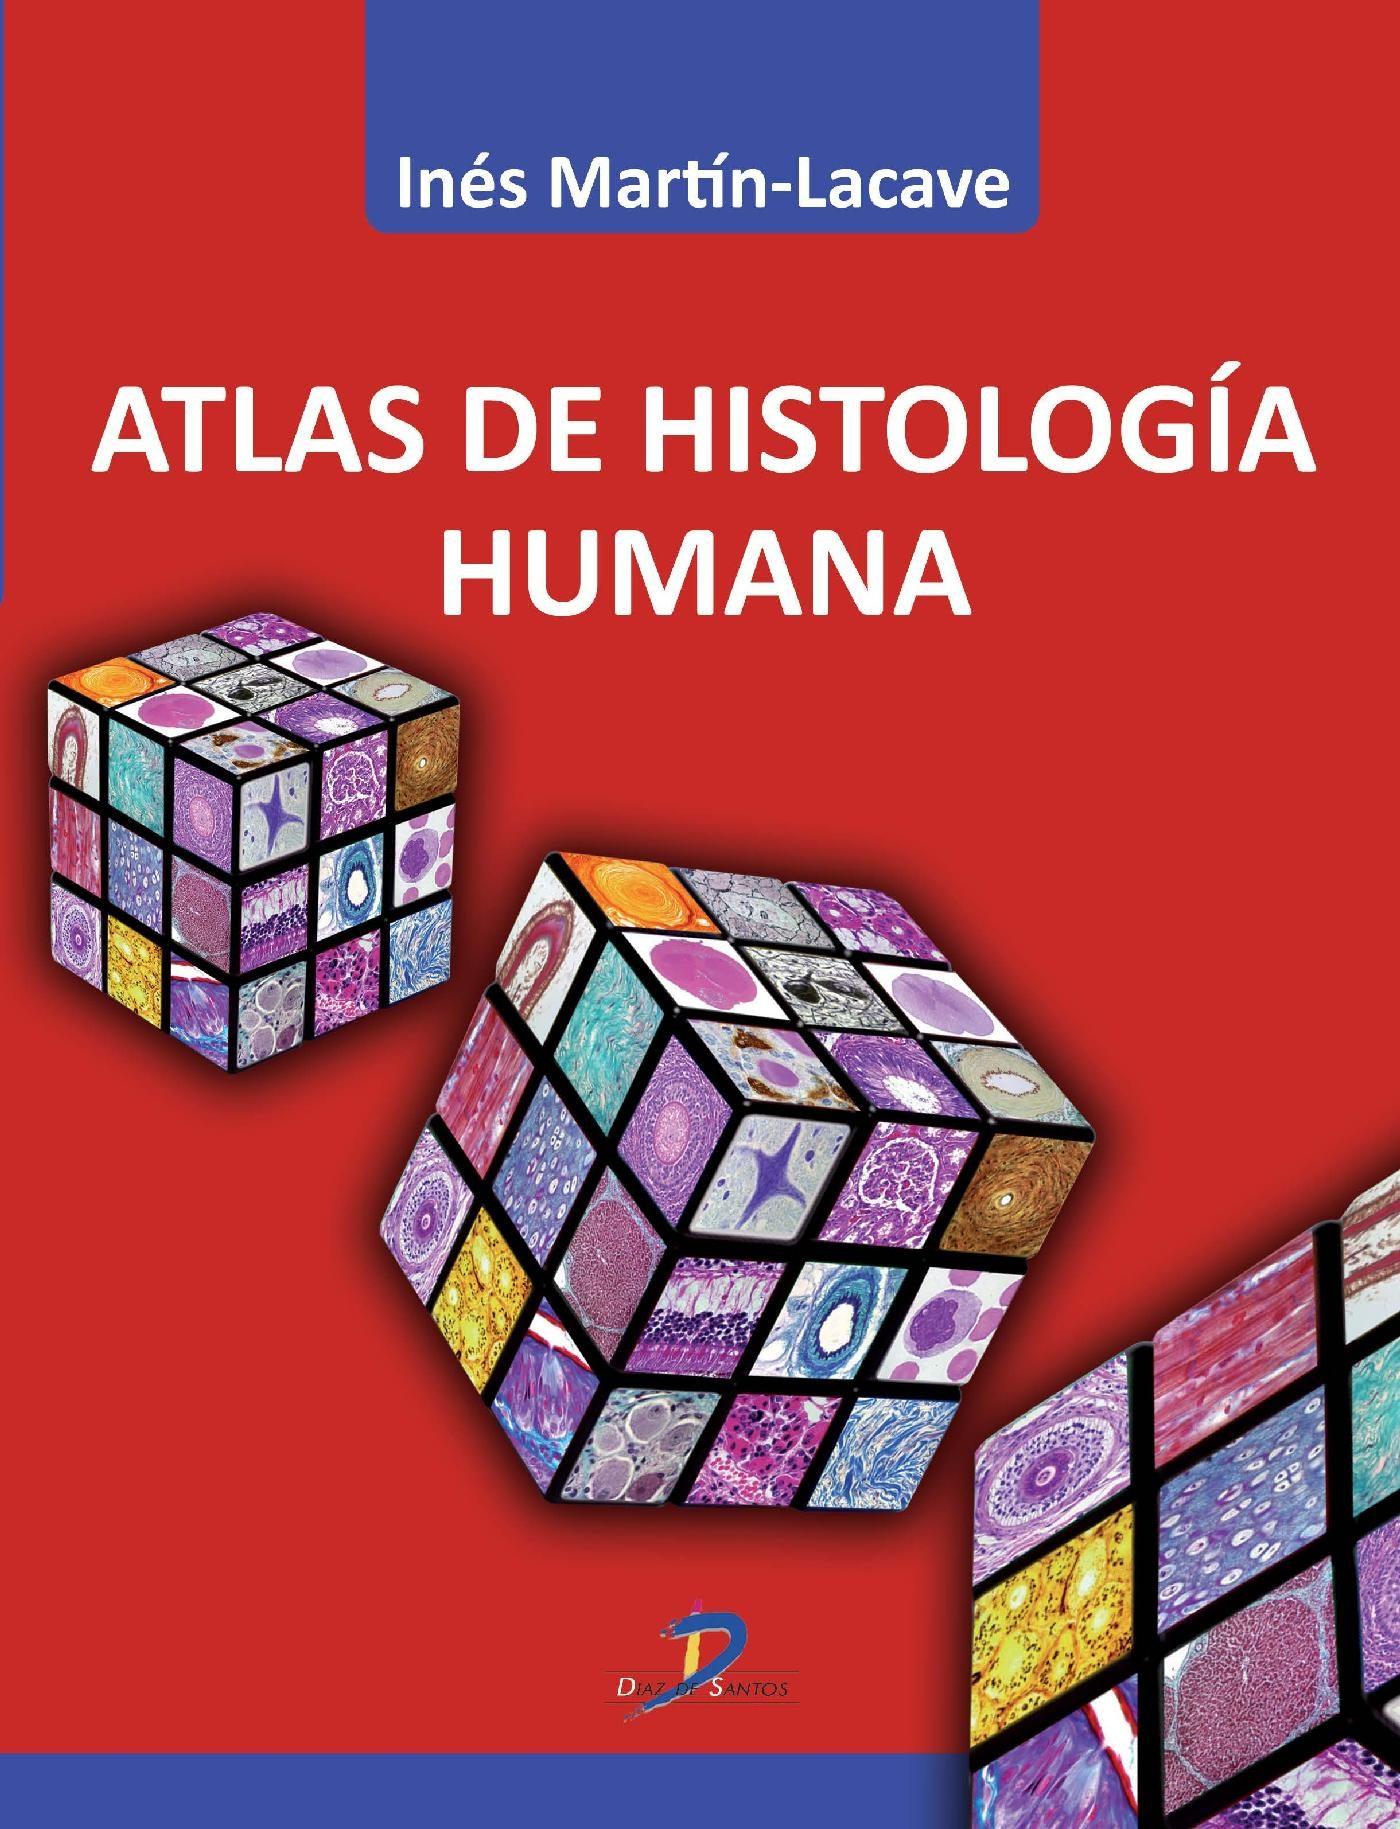 ATLAS DE HISTOLOGÍA HUMANA EBOOK | INES MARTIN-LACAVE | Descargar ...